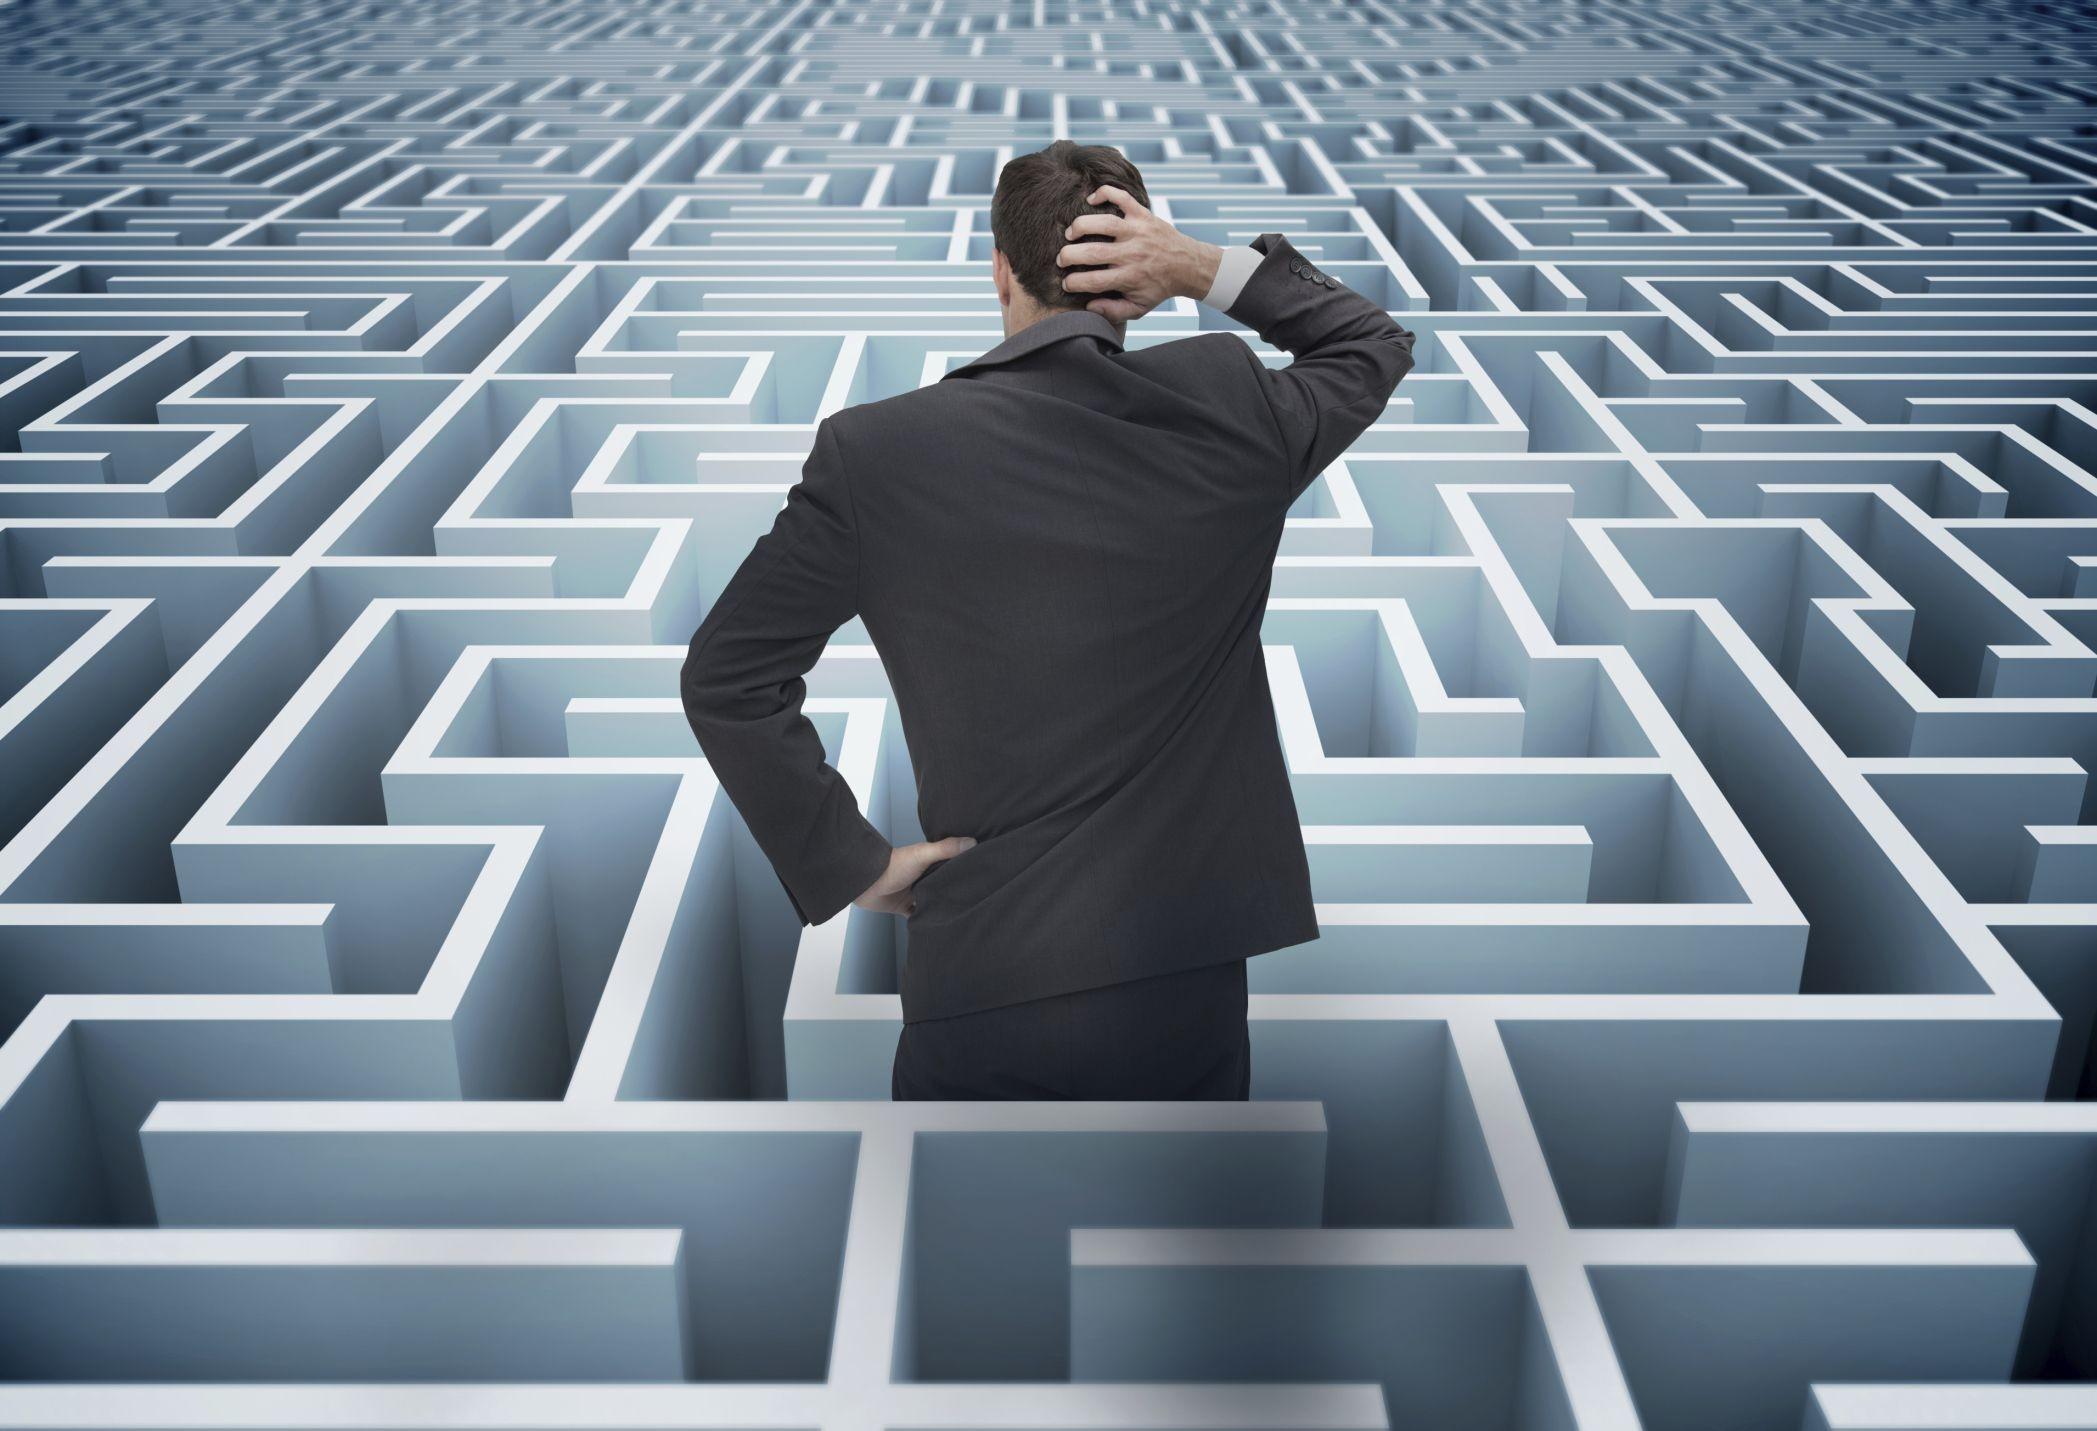 Картинки управленческих решений